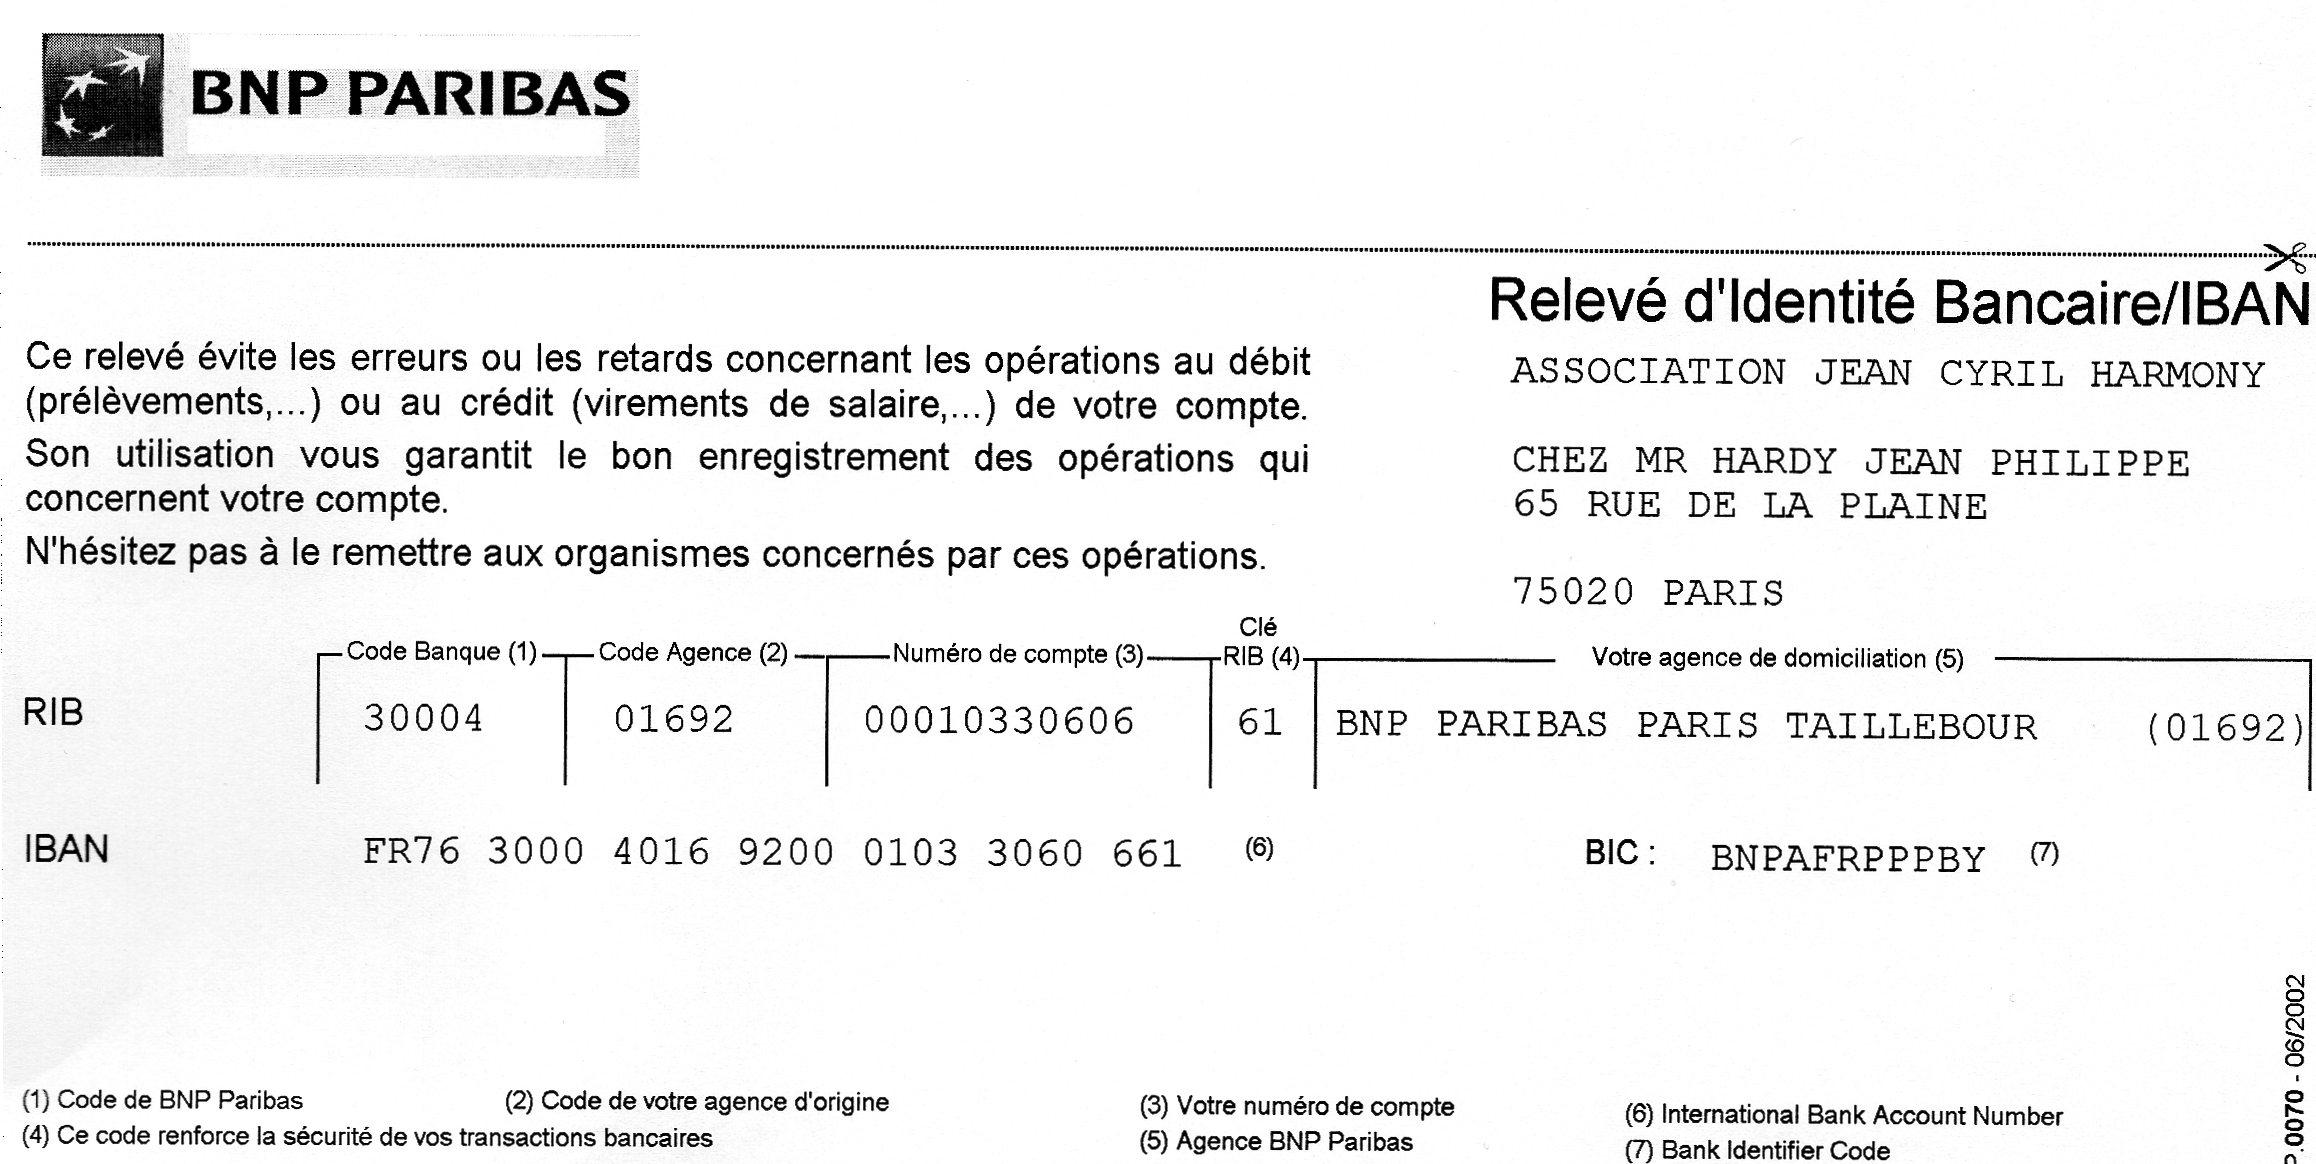 BNP TÉLÉCHARGER PARIBAS RIB